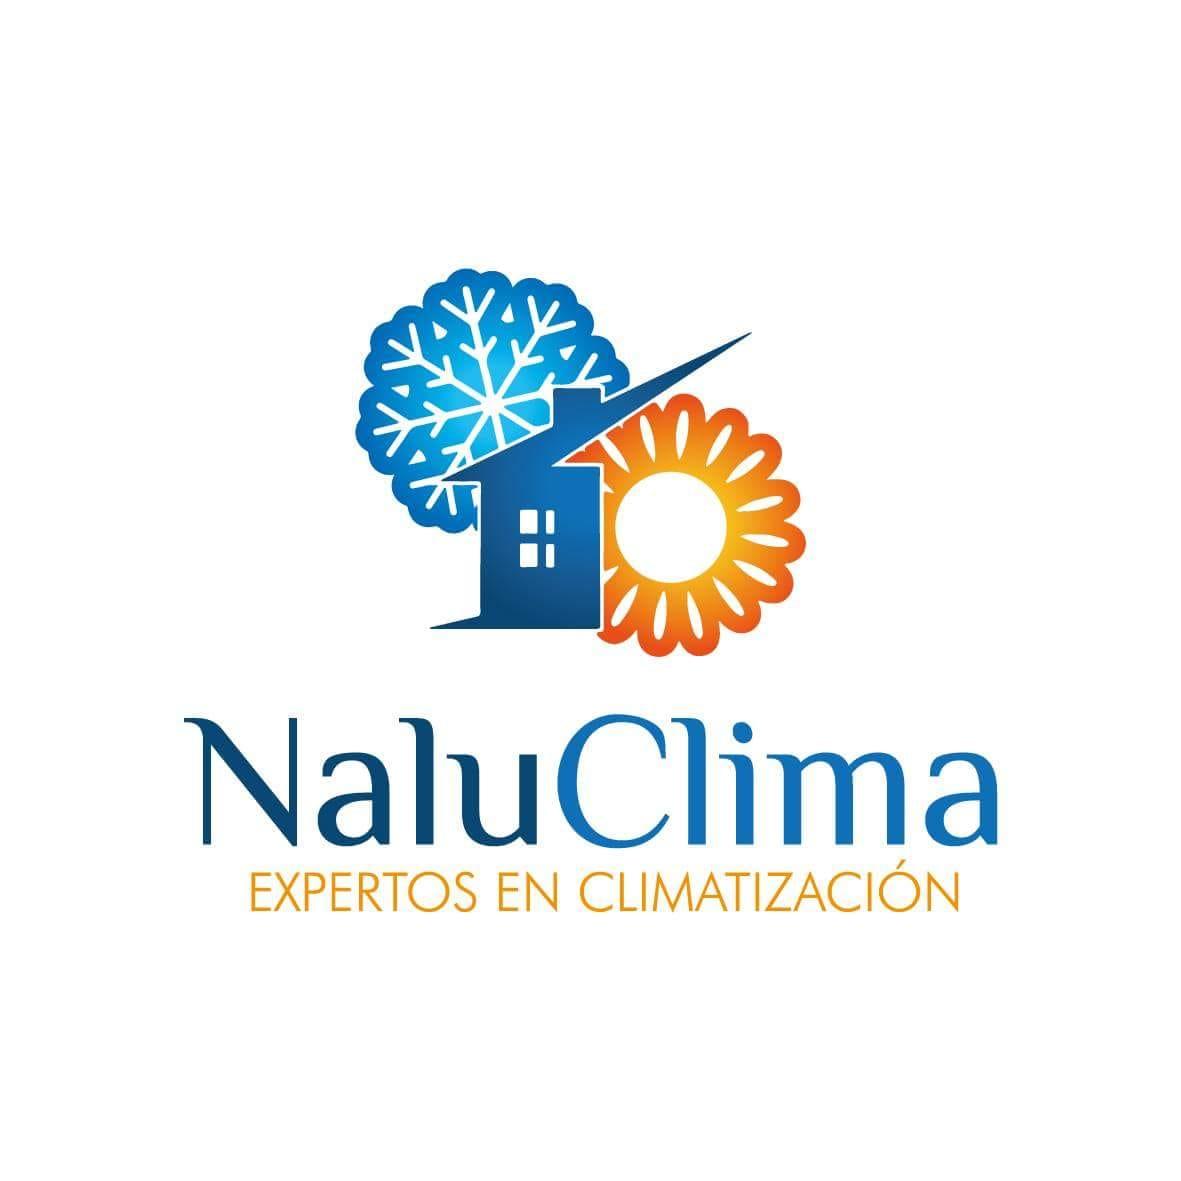 Instalaciones NaluClima, Fotovoltaica - AEROTERMIA - Climatización